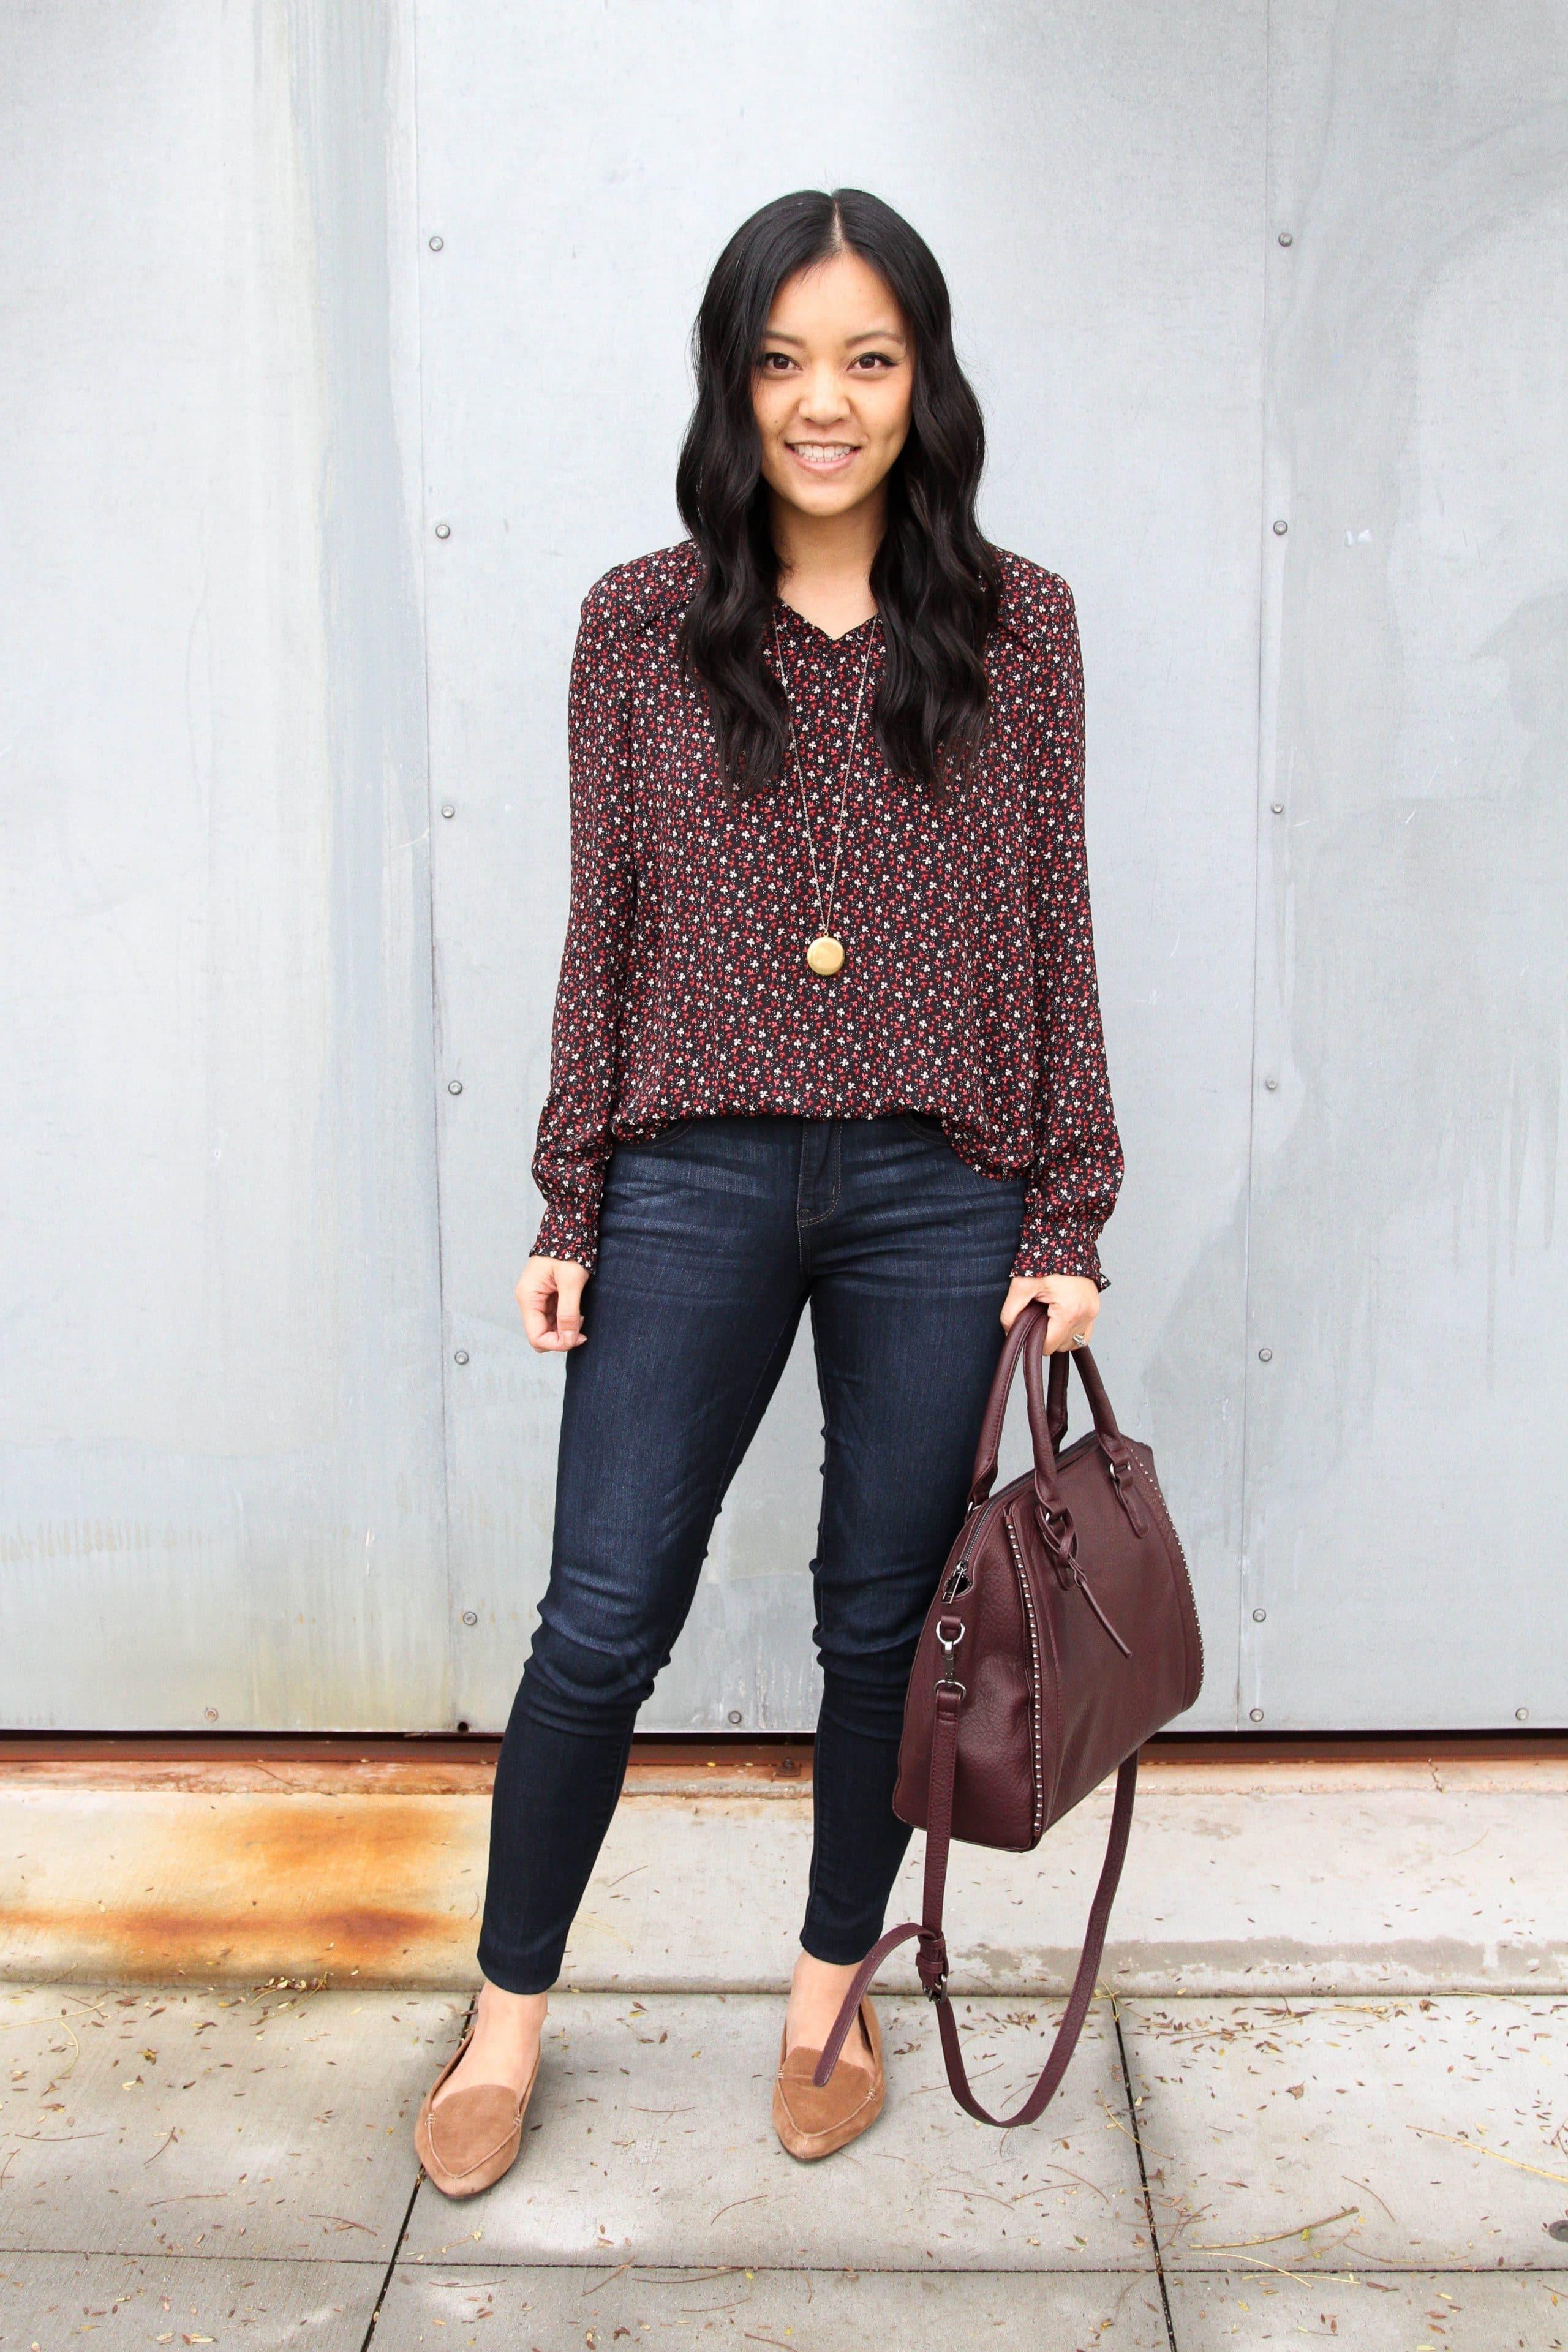 Loft blouse + Skinnies + Loafers + purple bag